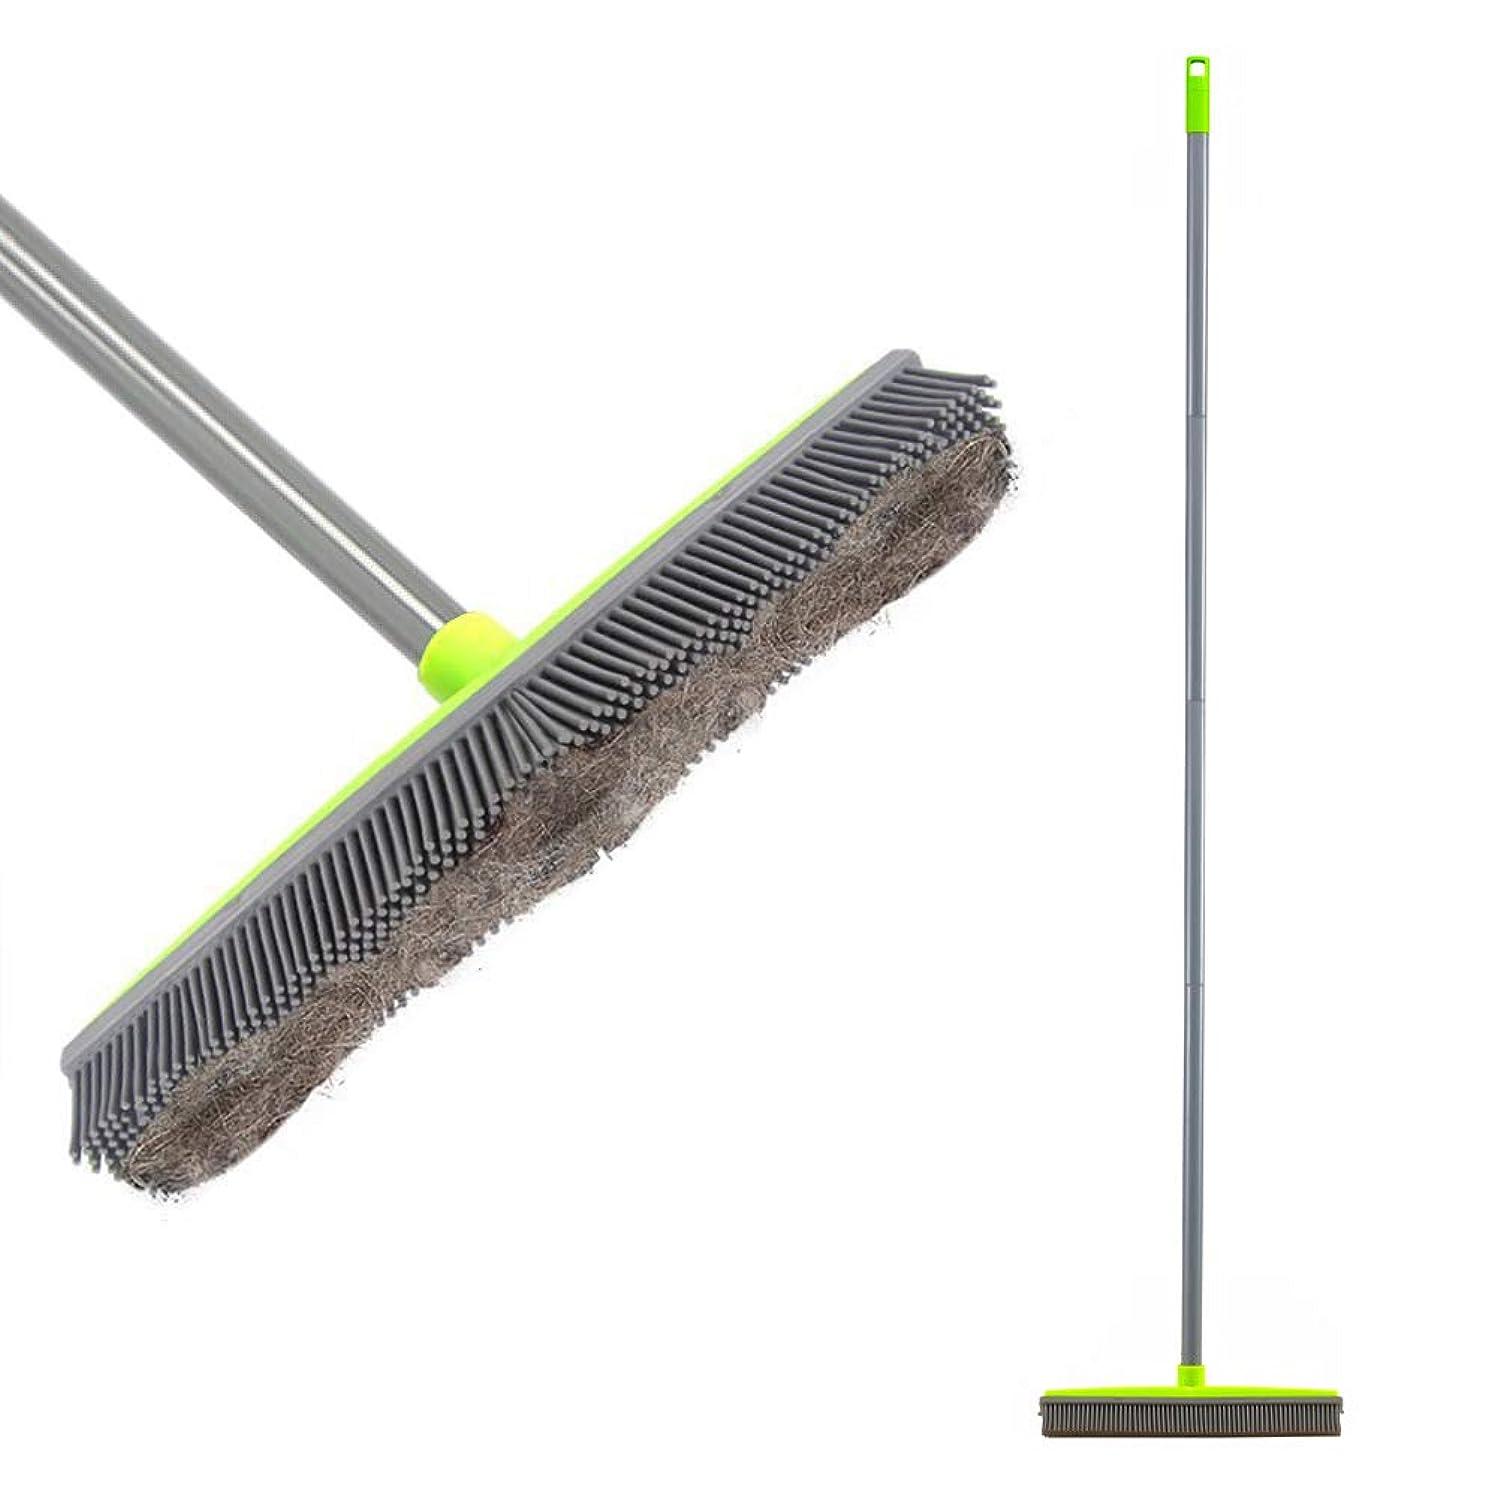 他の場所地中海文句を言うLandHope ゴムほうき 150CM長さハンドル カーペット掃除ブラシ ペットの毛 ほこり 木製床ブラシ 掃除用品